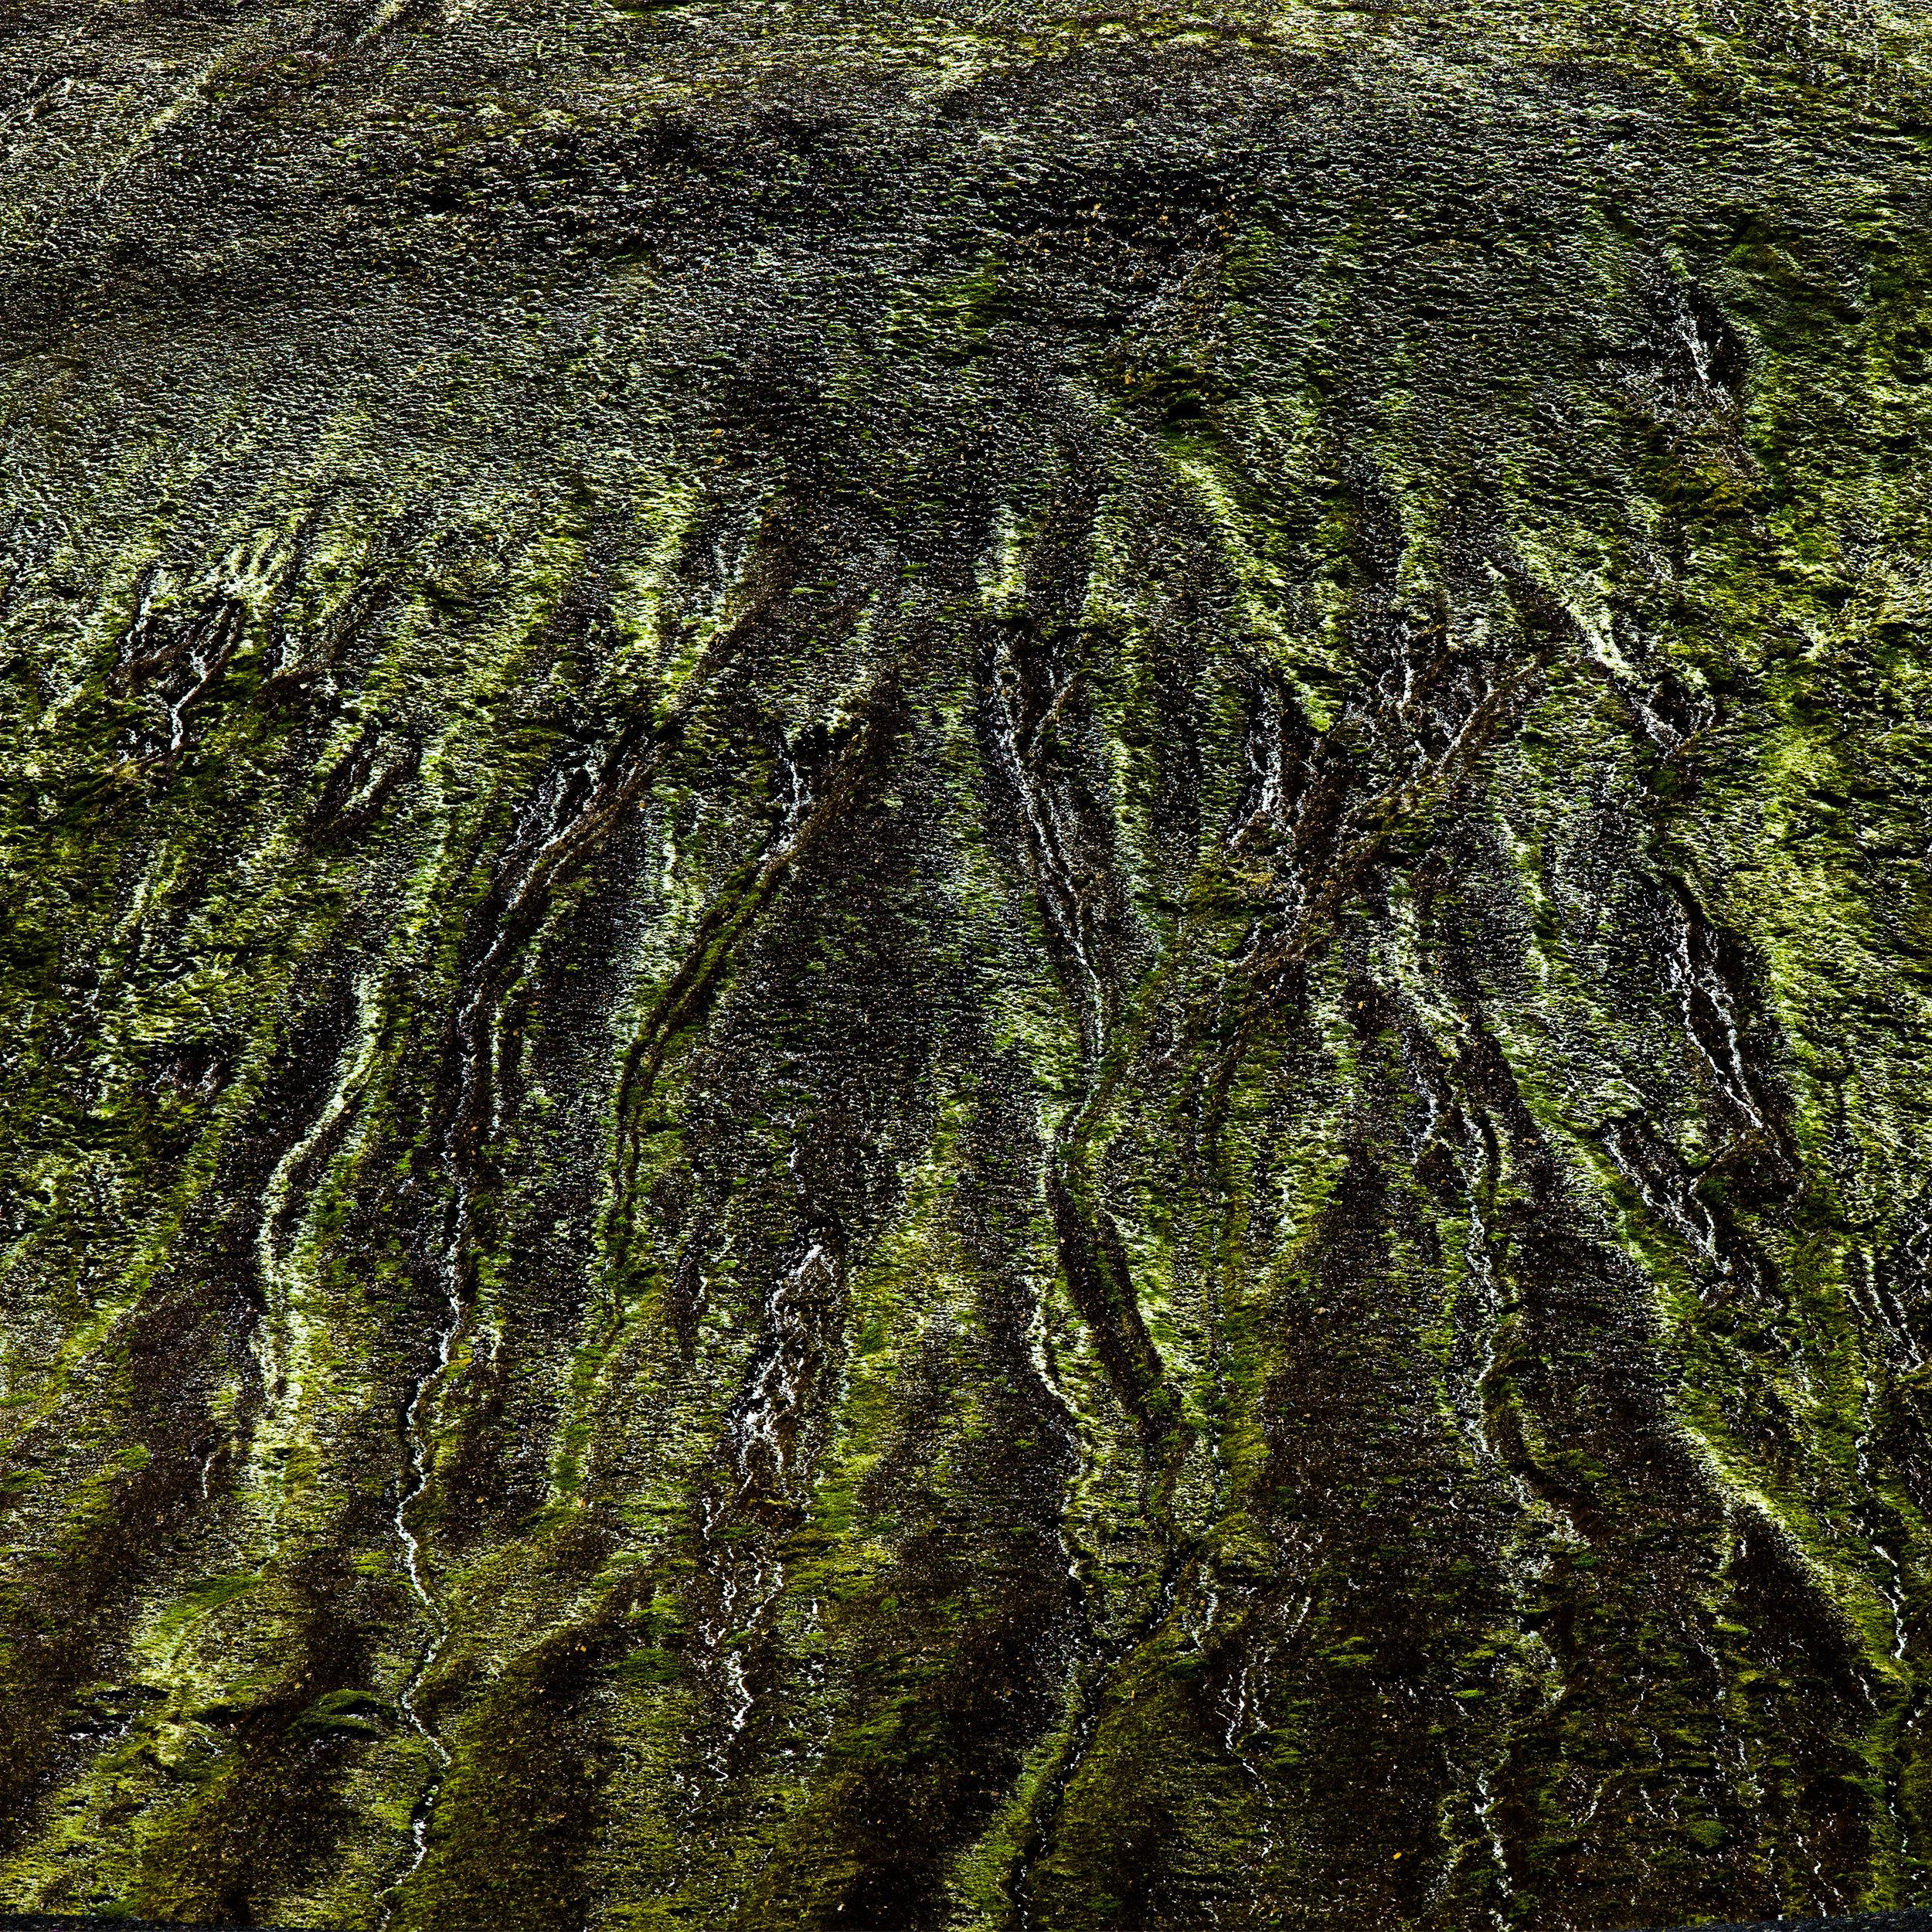 landmannalaugar_04.jpg